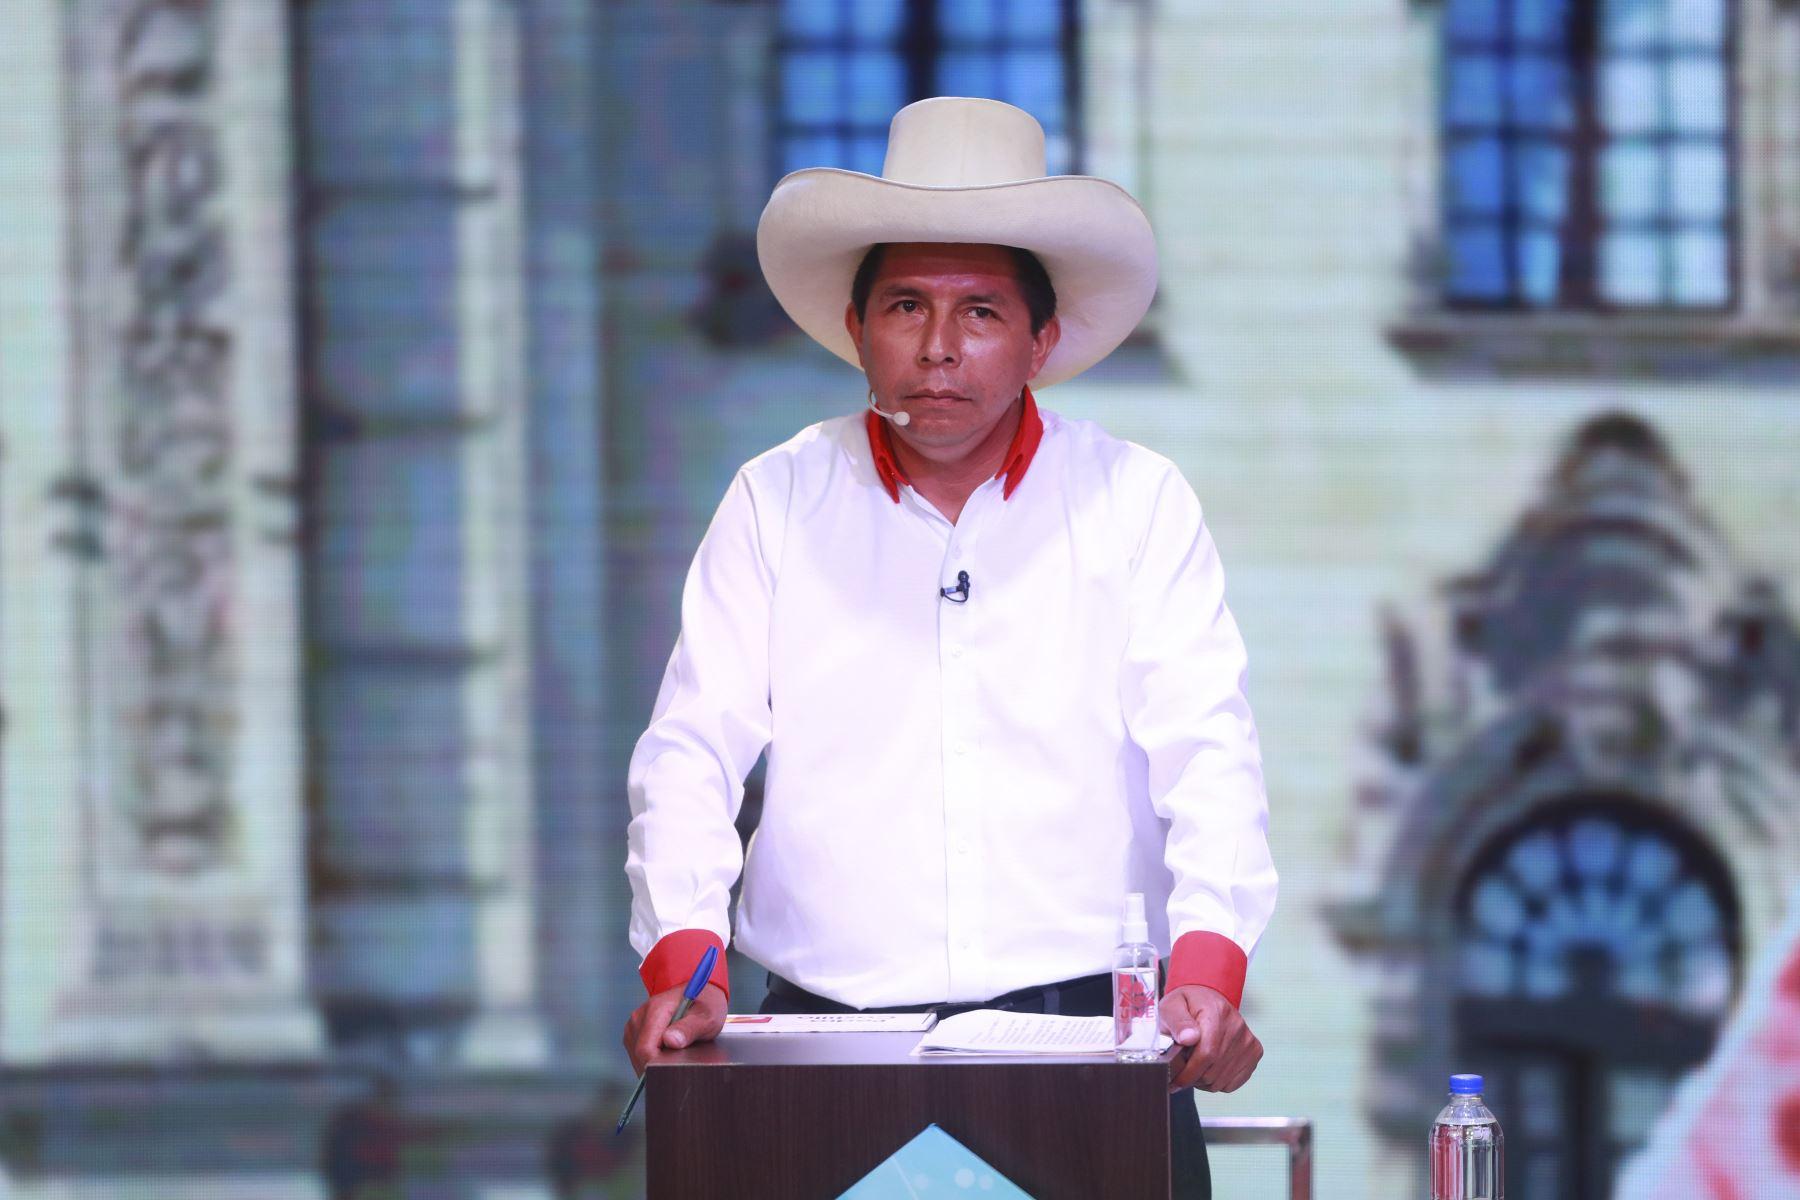 José Castillo, de Perú Libre,  participa en la segunda fecha del debate de candidatos presidenciales organizado por el Jurado Nacional de Elecciones (JNE), previo a los comicios generales del 11 de abril.  Foto: ANDINA/Carla Patiño Ramírez